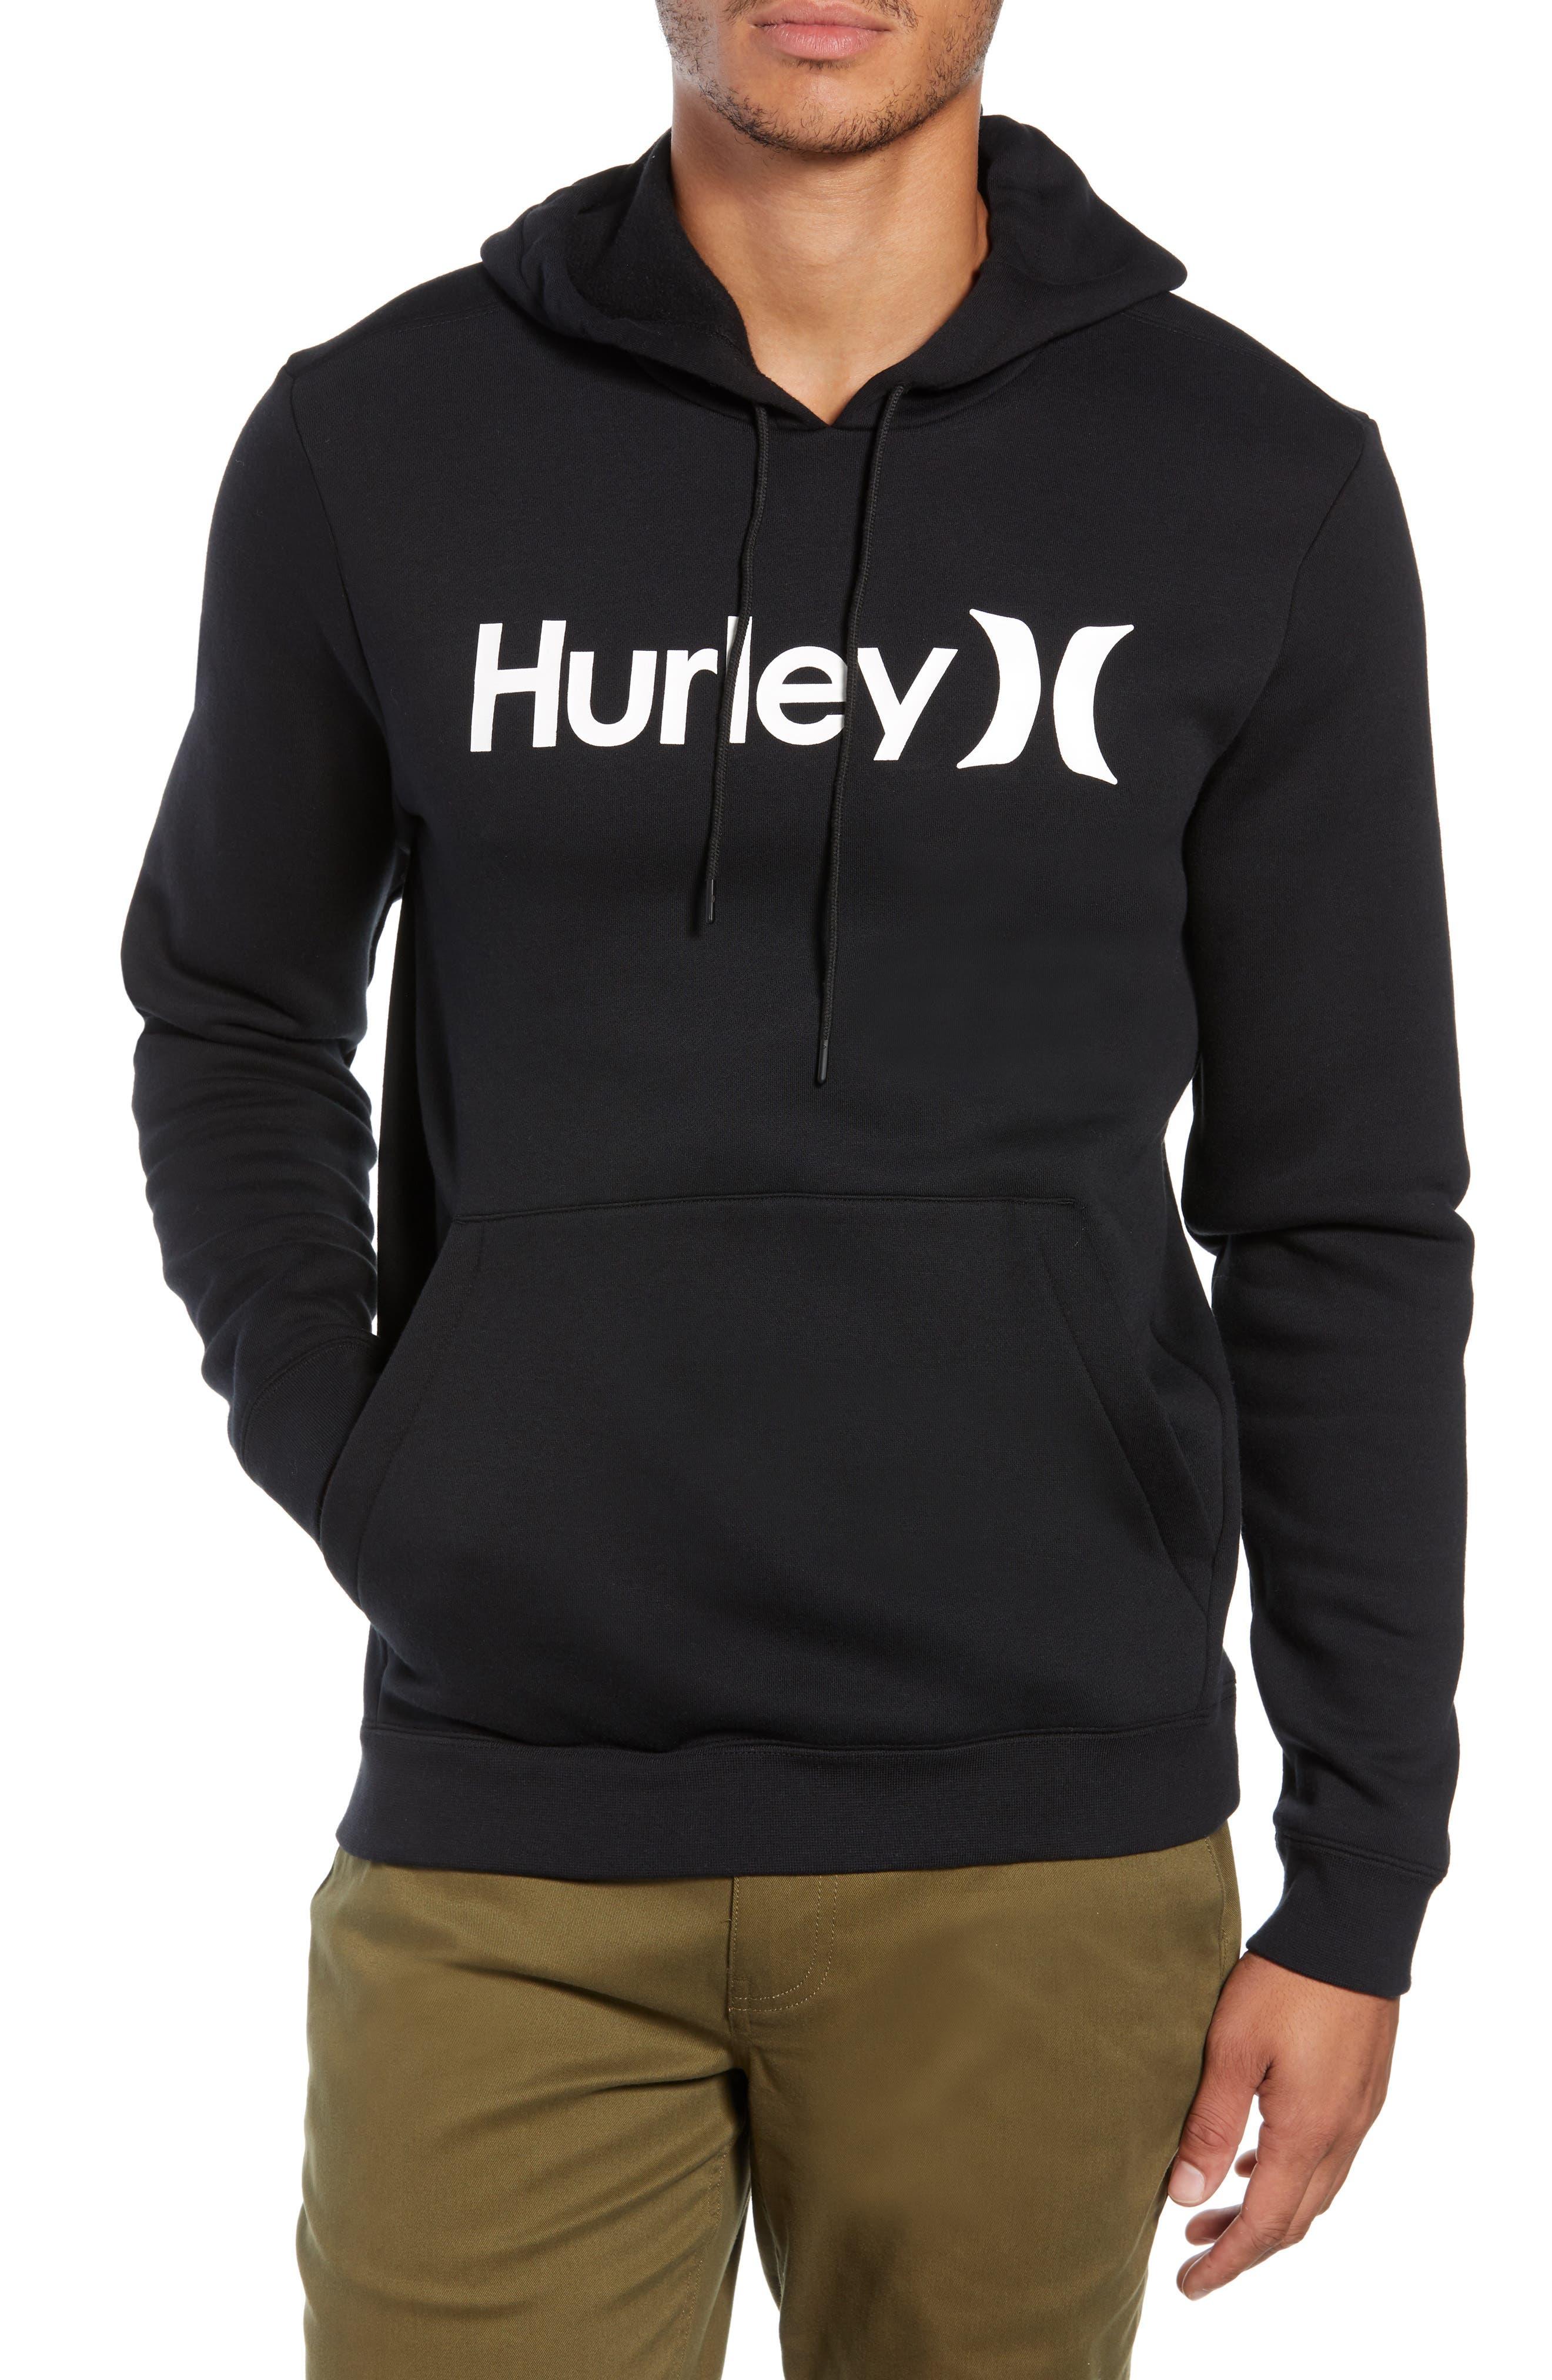 HURLEY Surf Check Hoodie Sweatshirt in Black / White